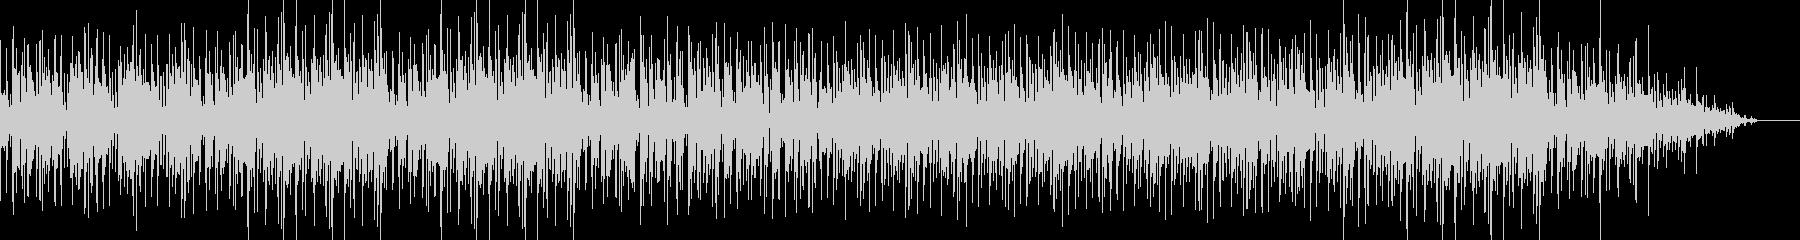 催眠的で威ac的なエレクトロニカグ...の未再生の波形